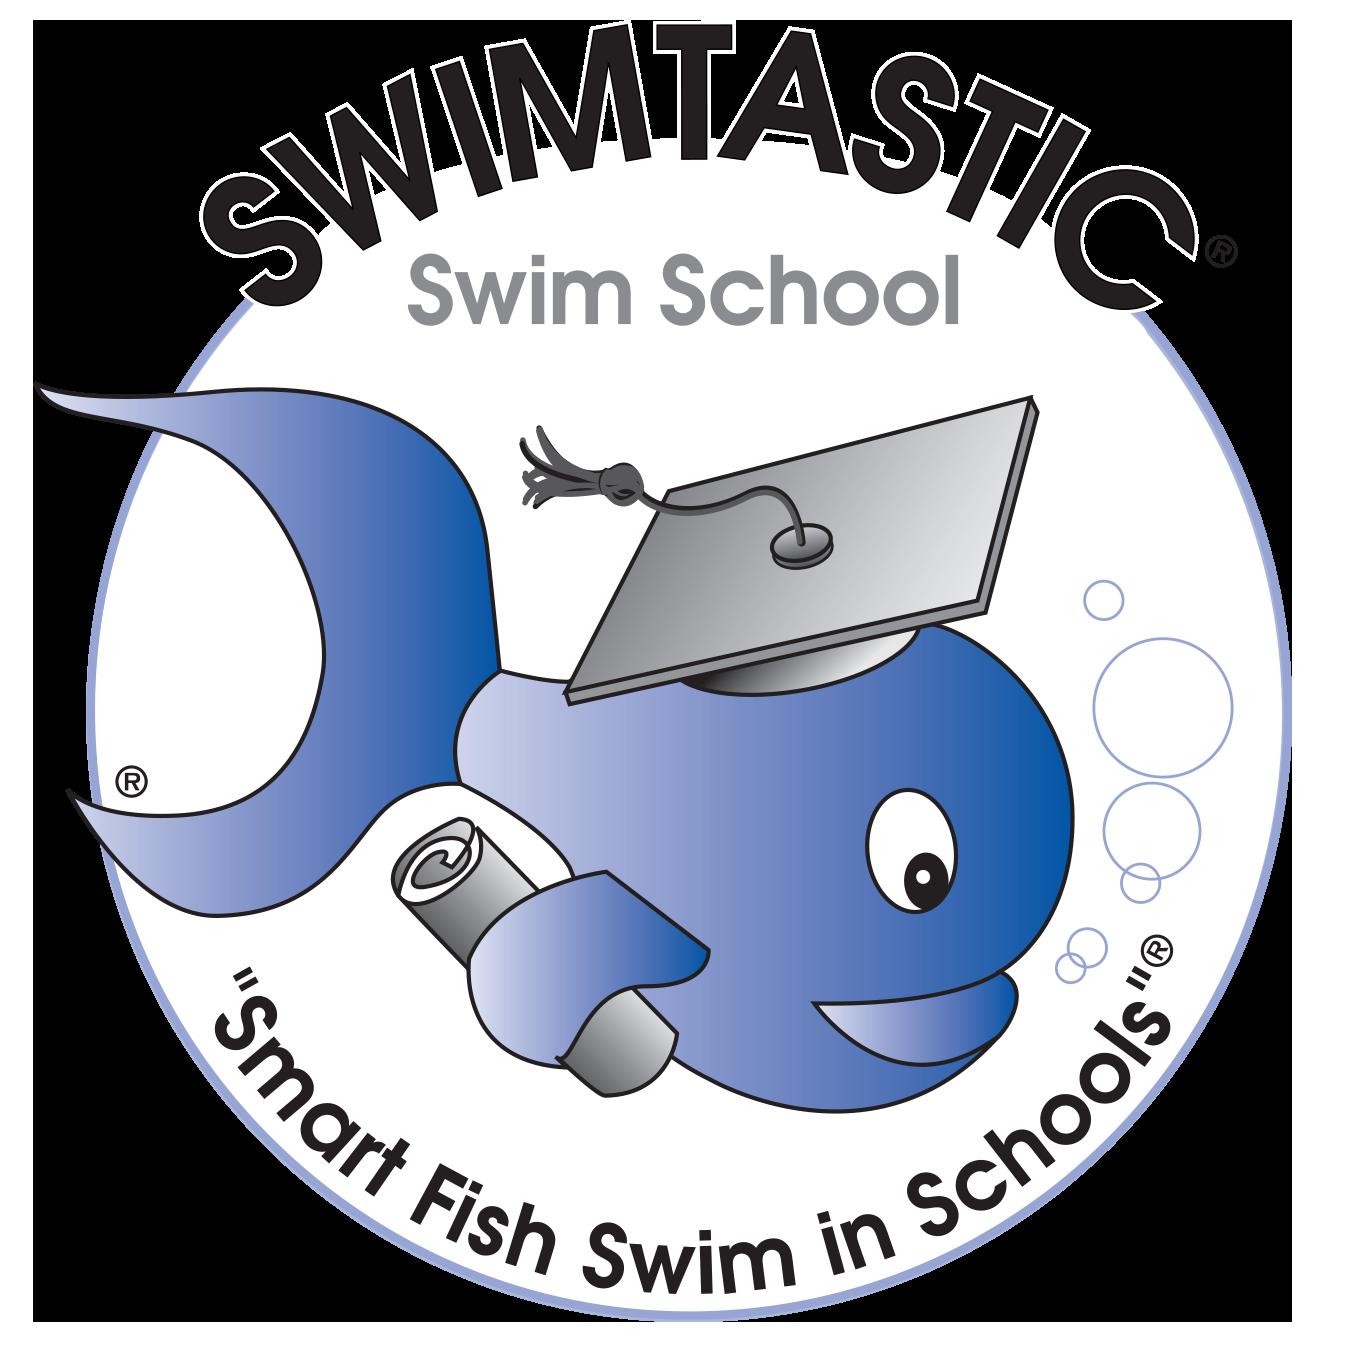 Swimtastic_Franchise_Image_transparent_bkgrnd.png